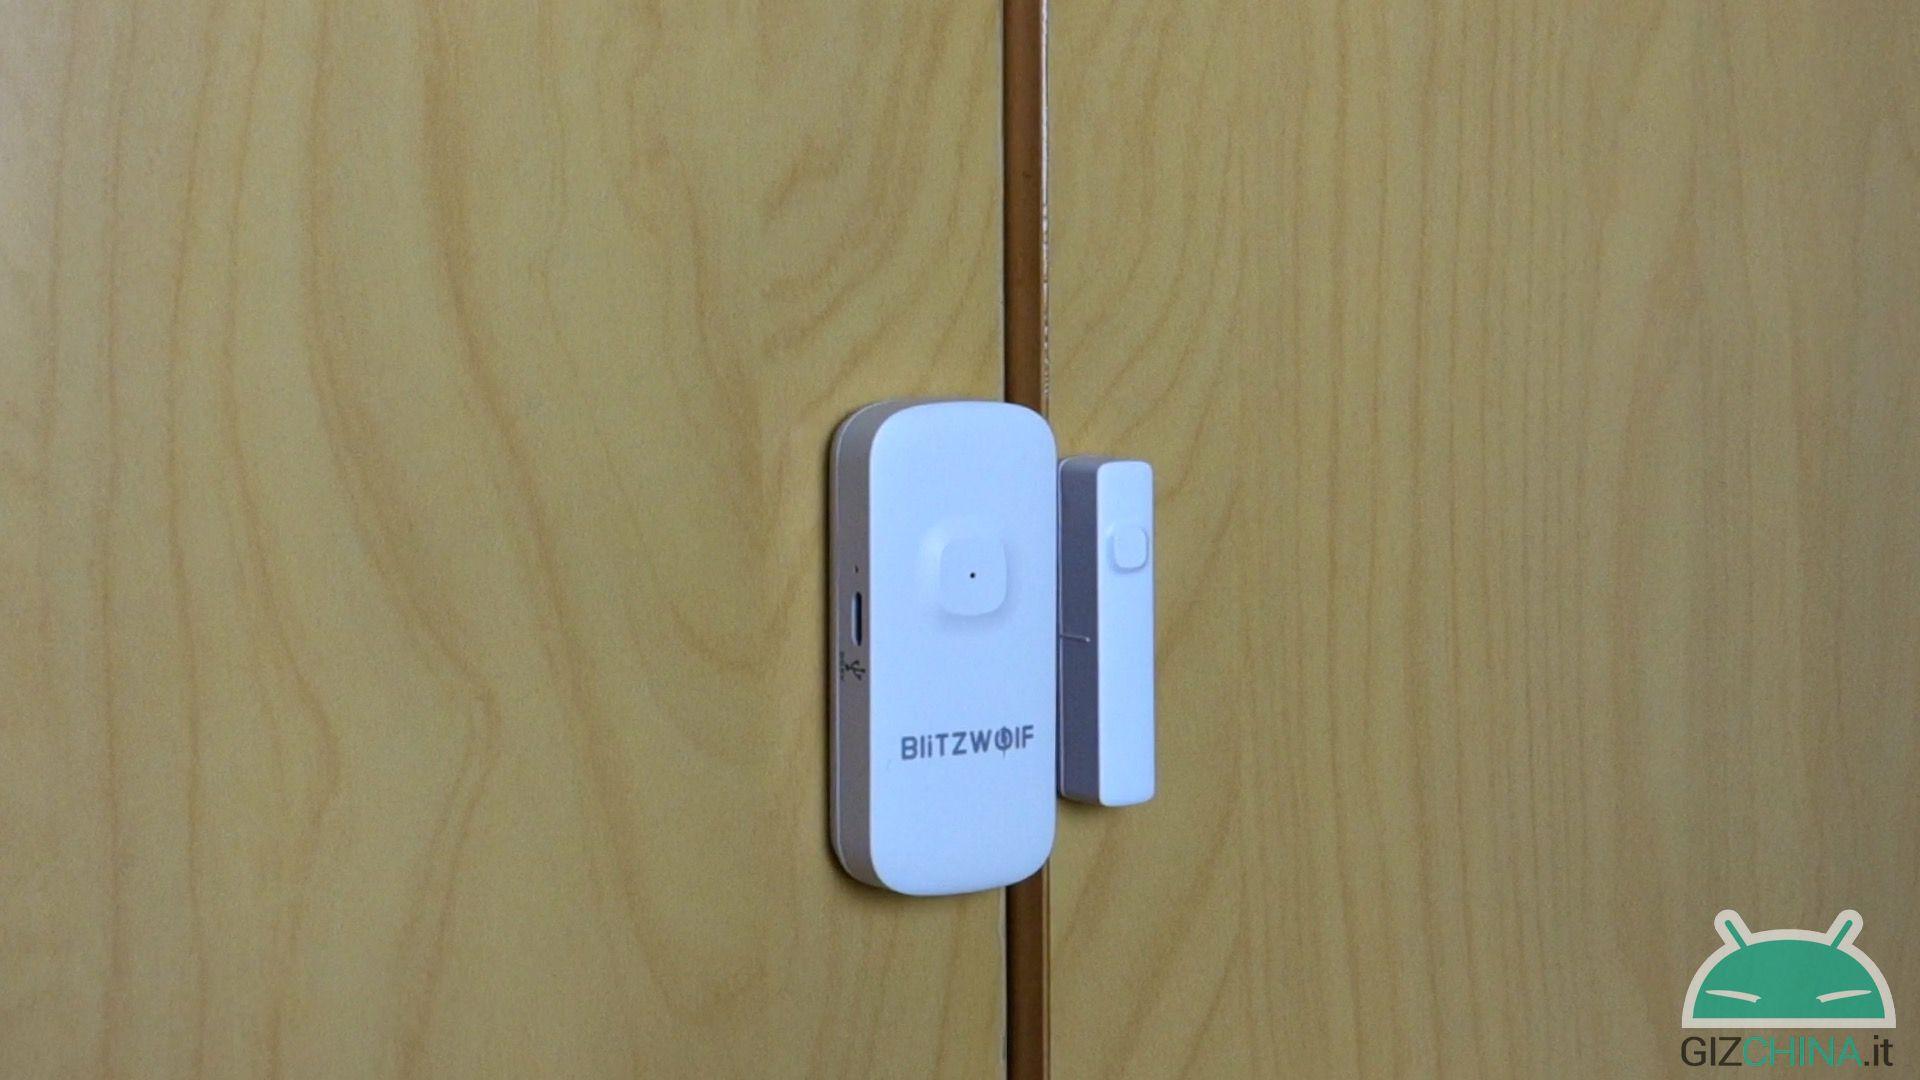 blitzwolf smart home